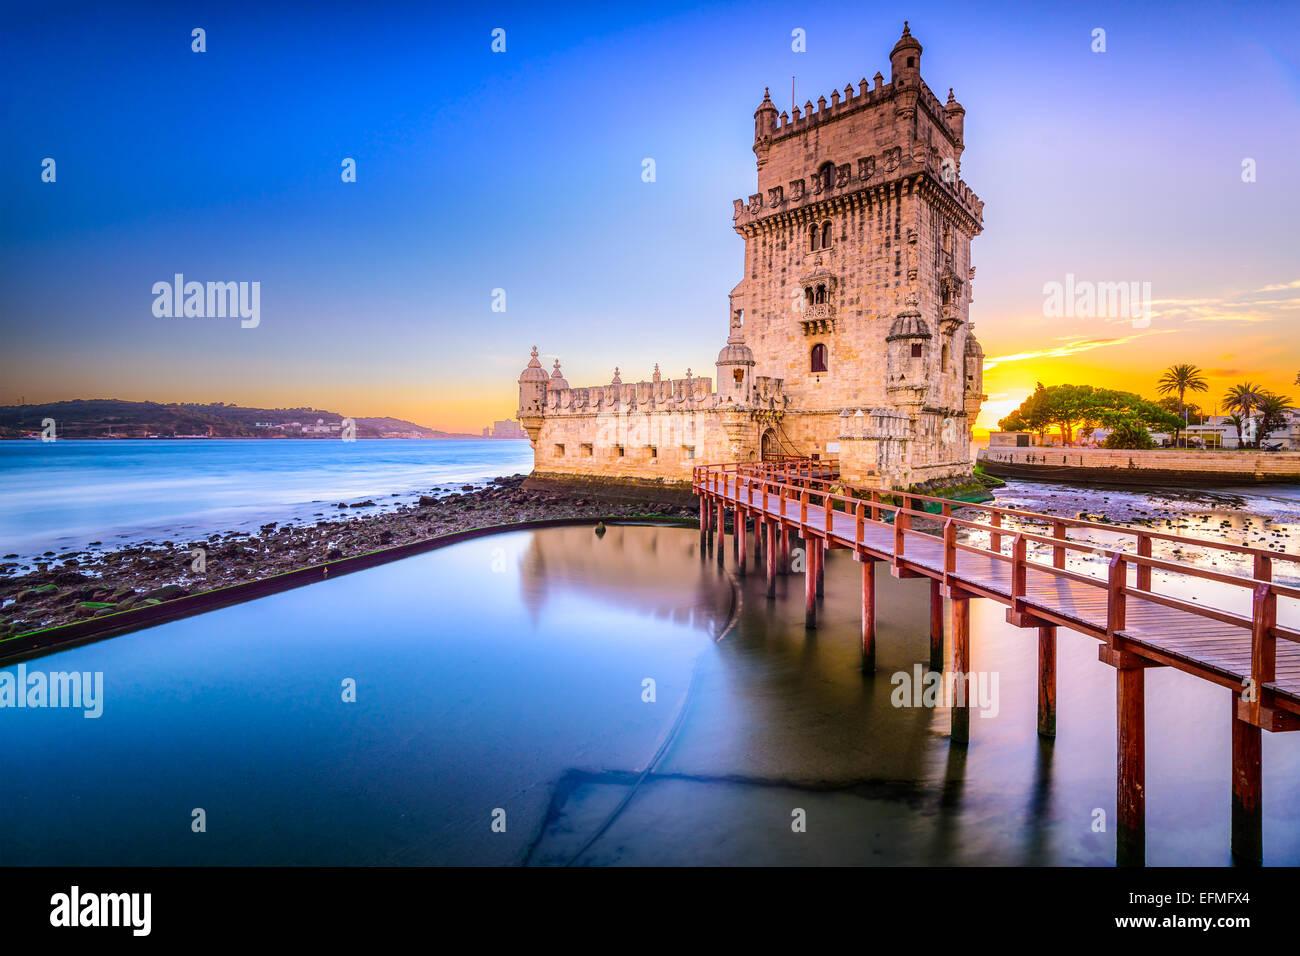 Lisbona, Portogallo presso la Torre di Belem sul fiume Tago. Immagini Stock